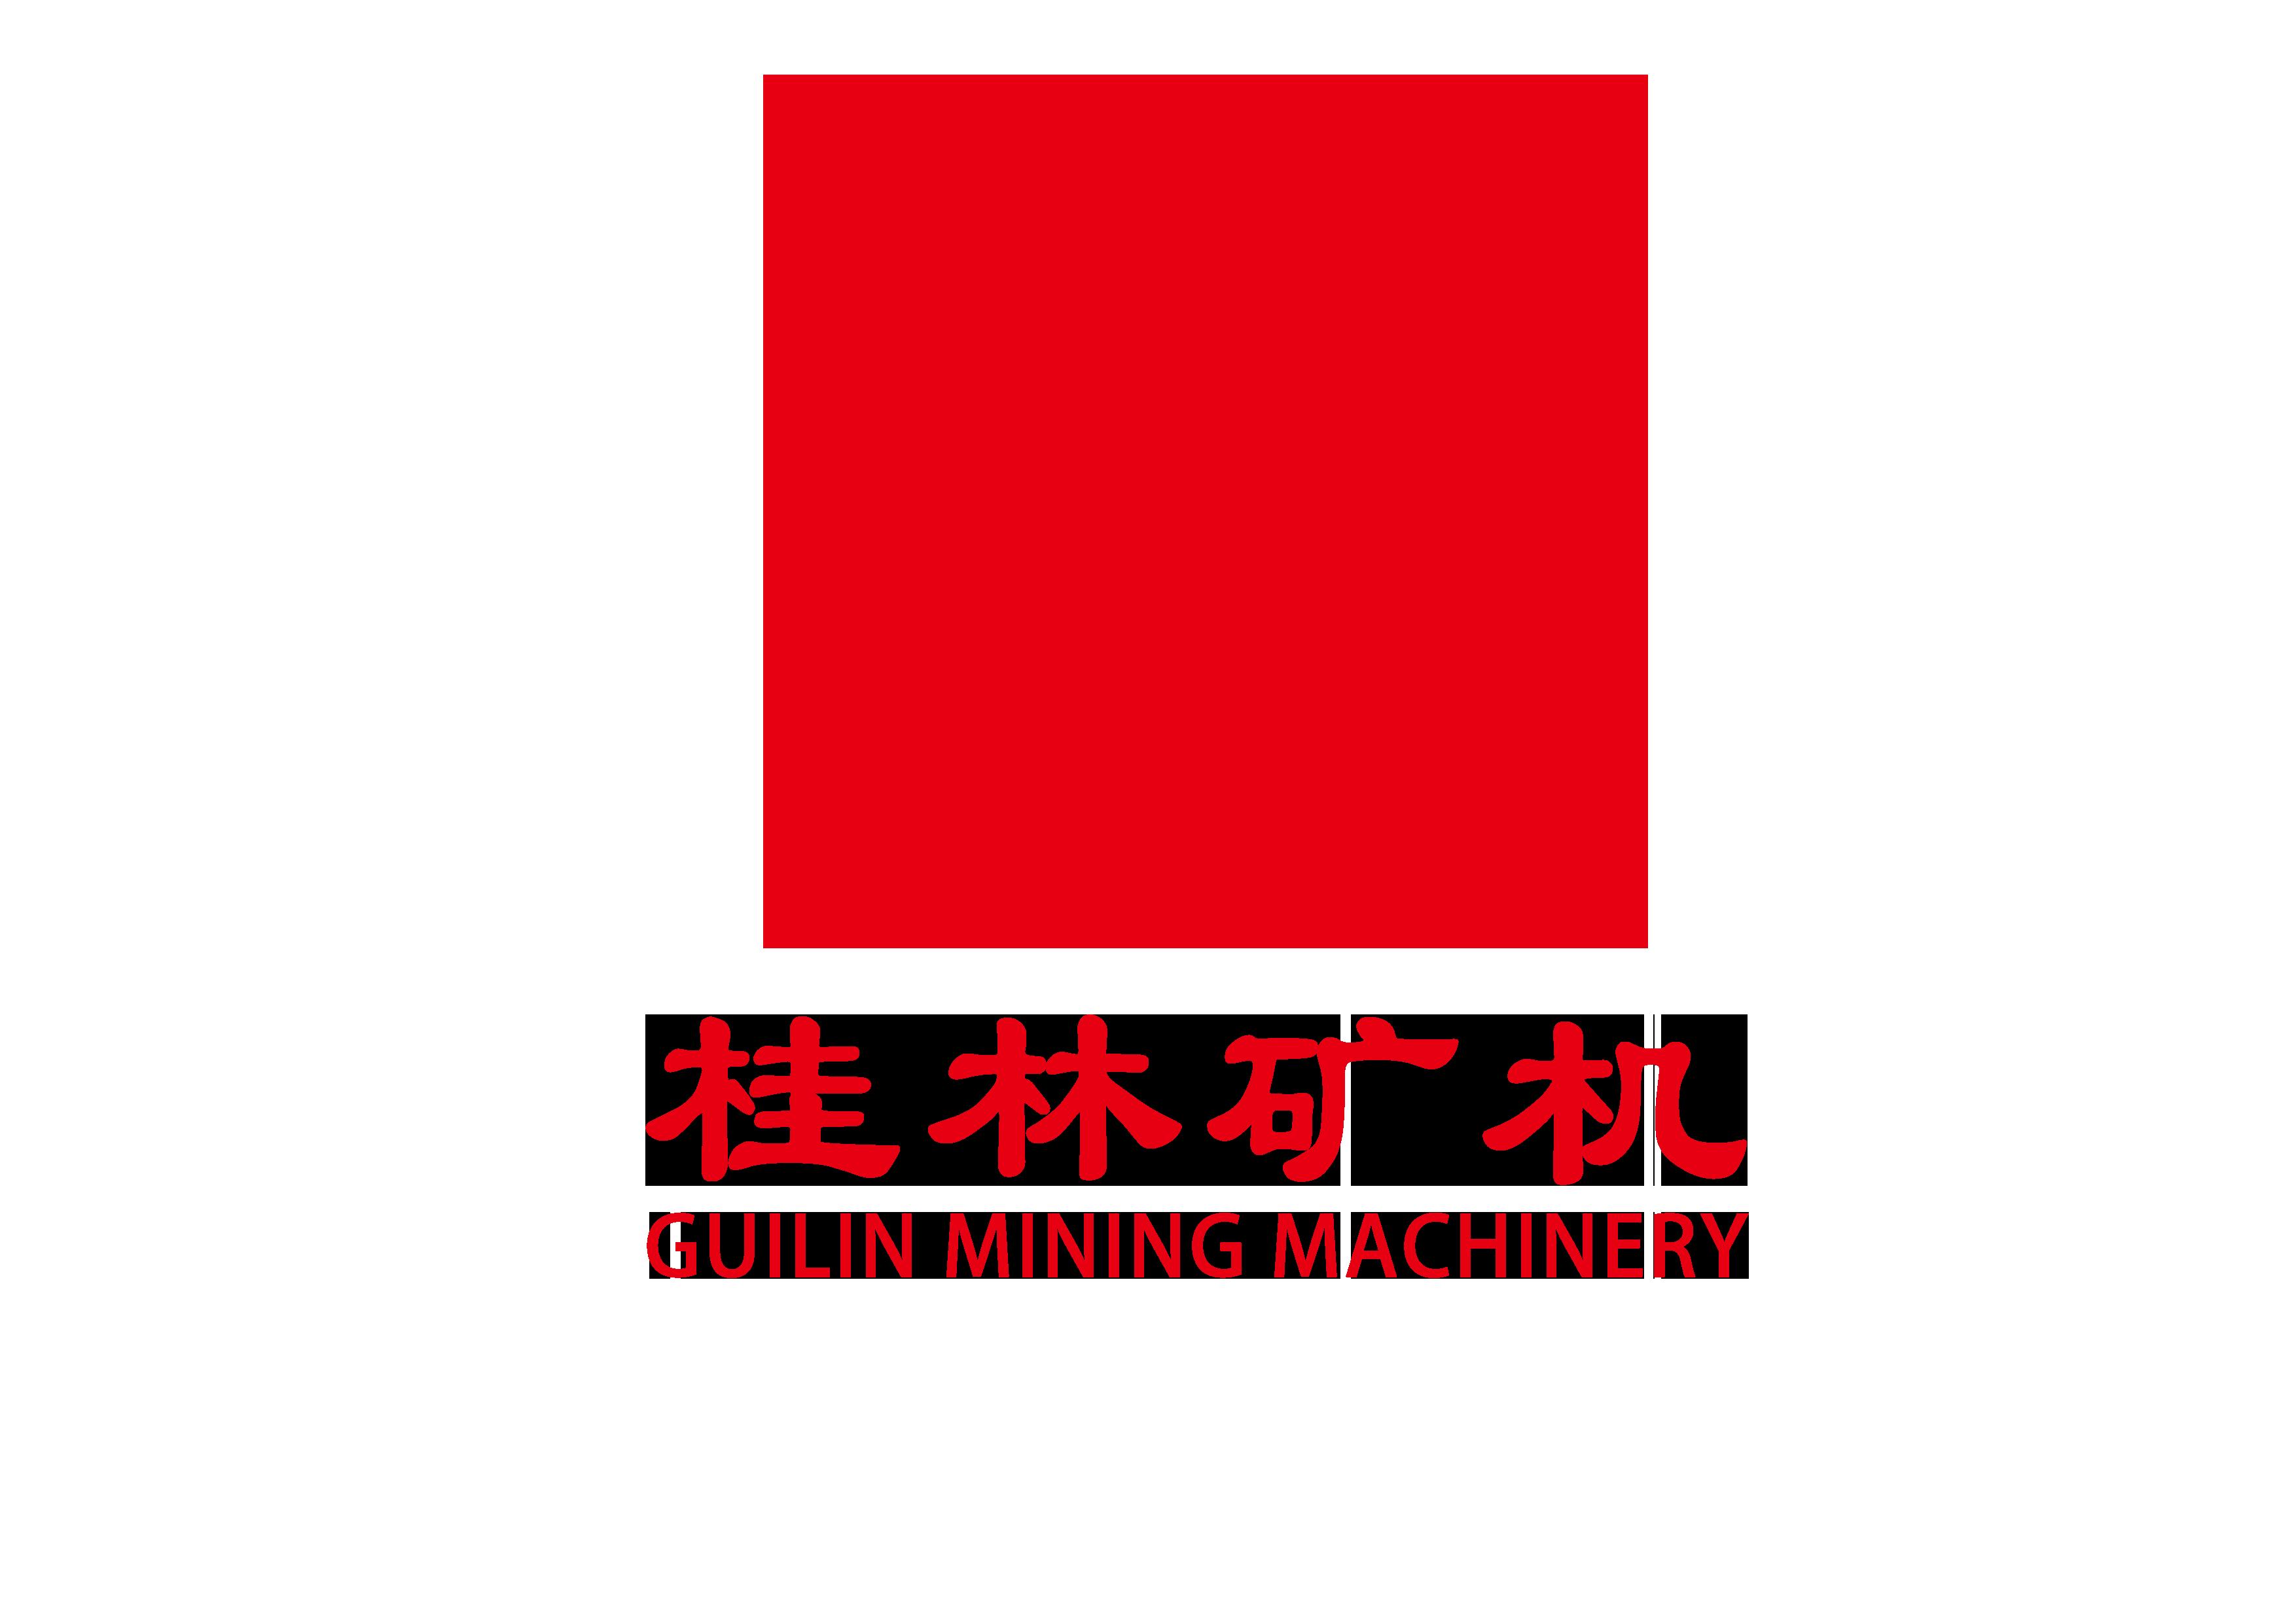 桂林矿山机械有限公司